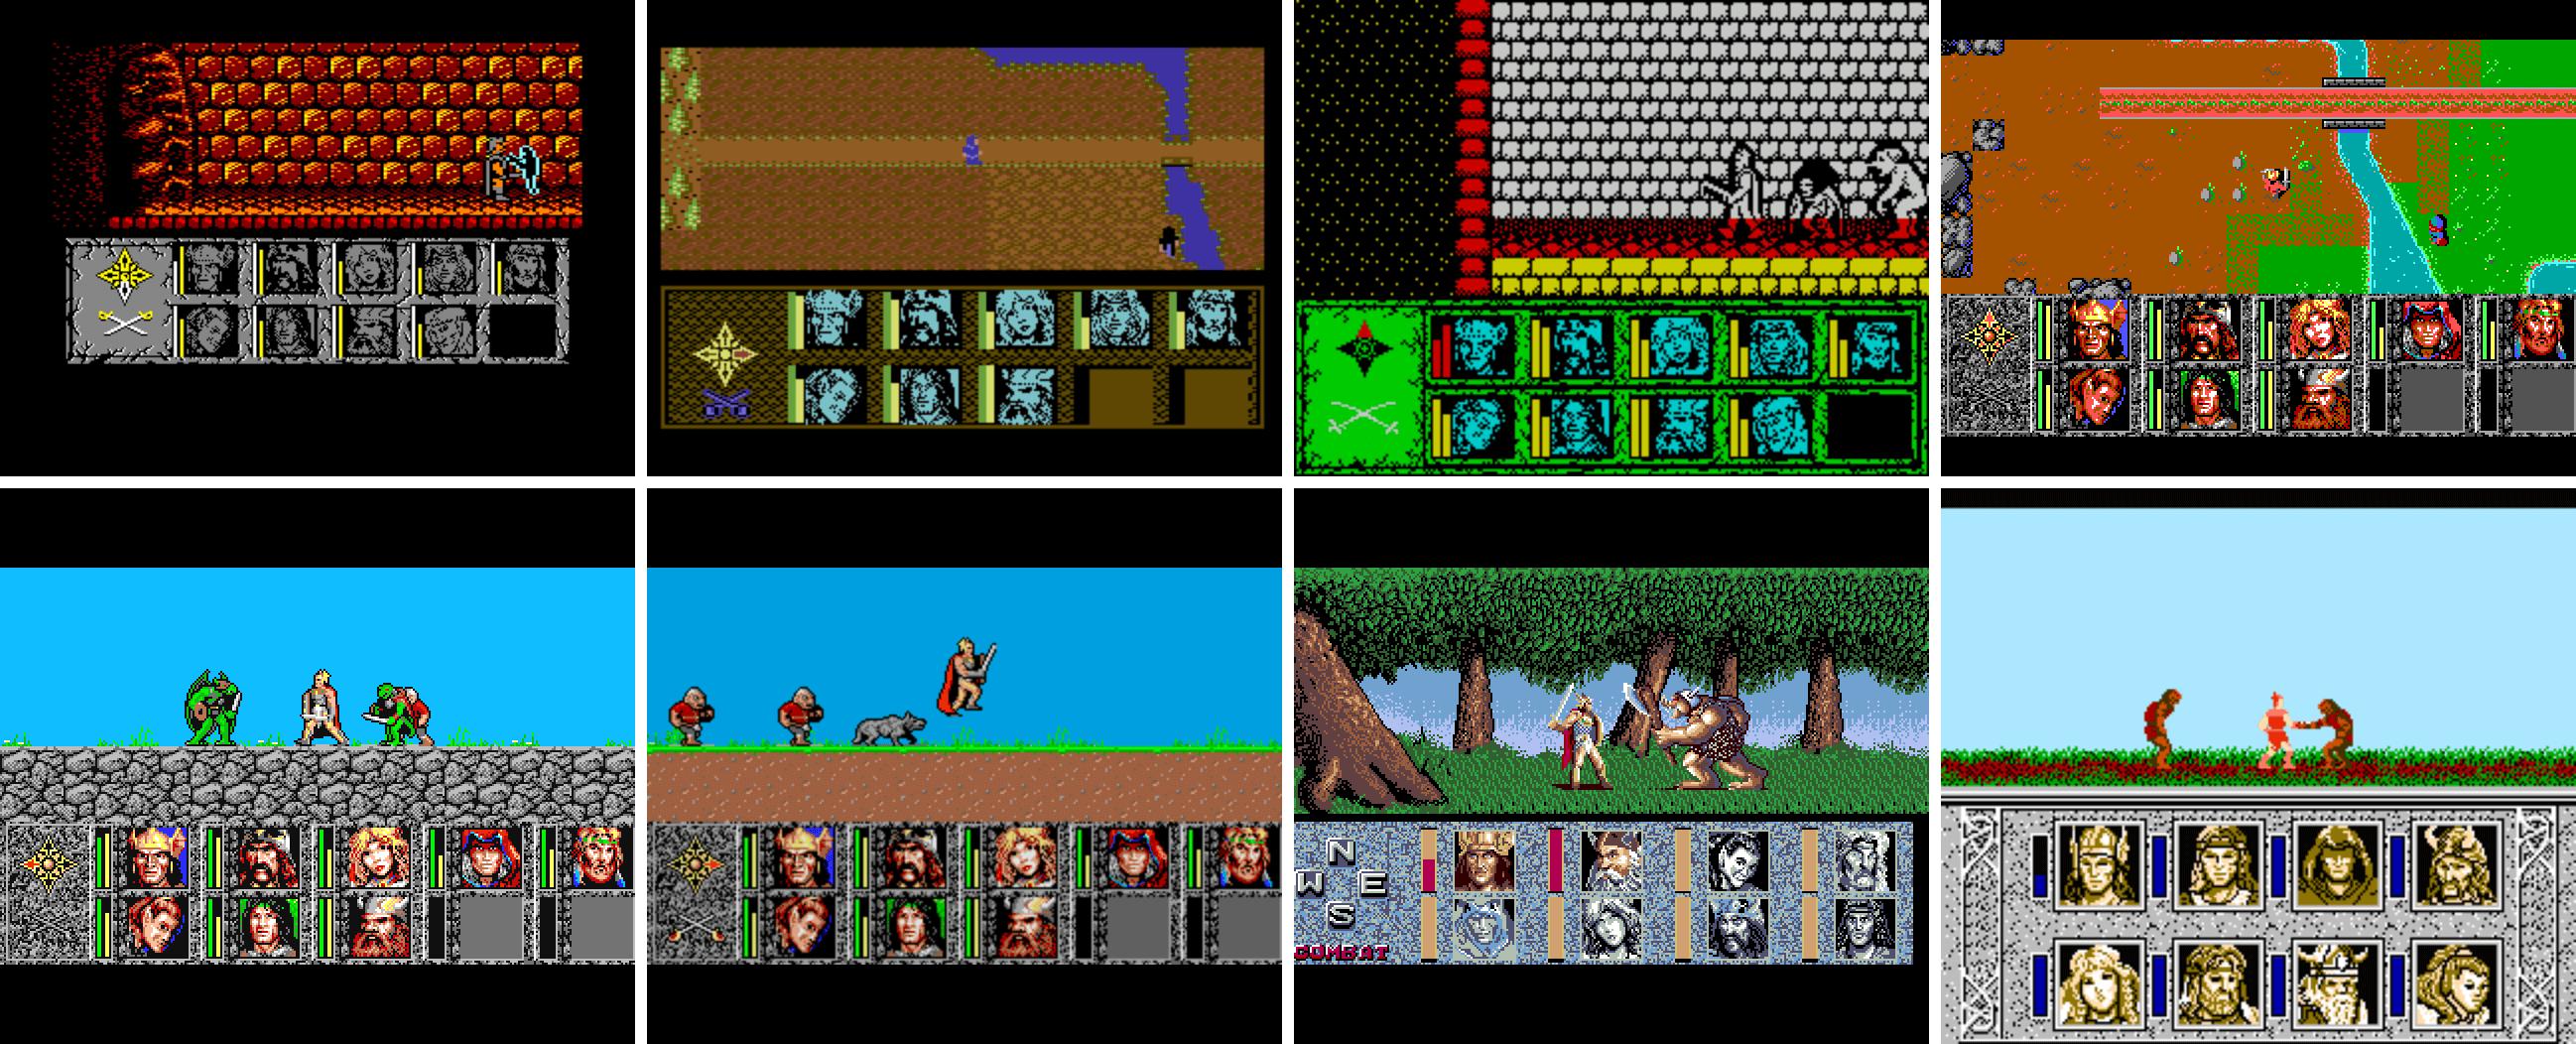 amstrad - c64 - spectrum - pc amiga - atari st - fm towns - nes